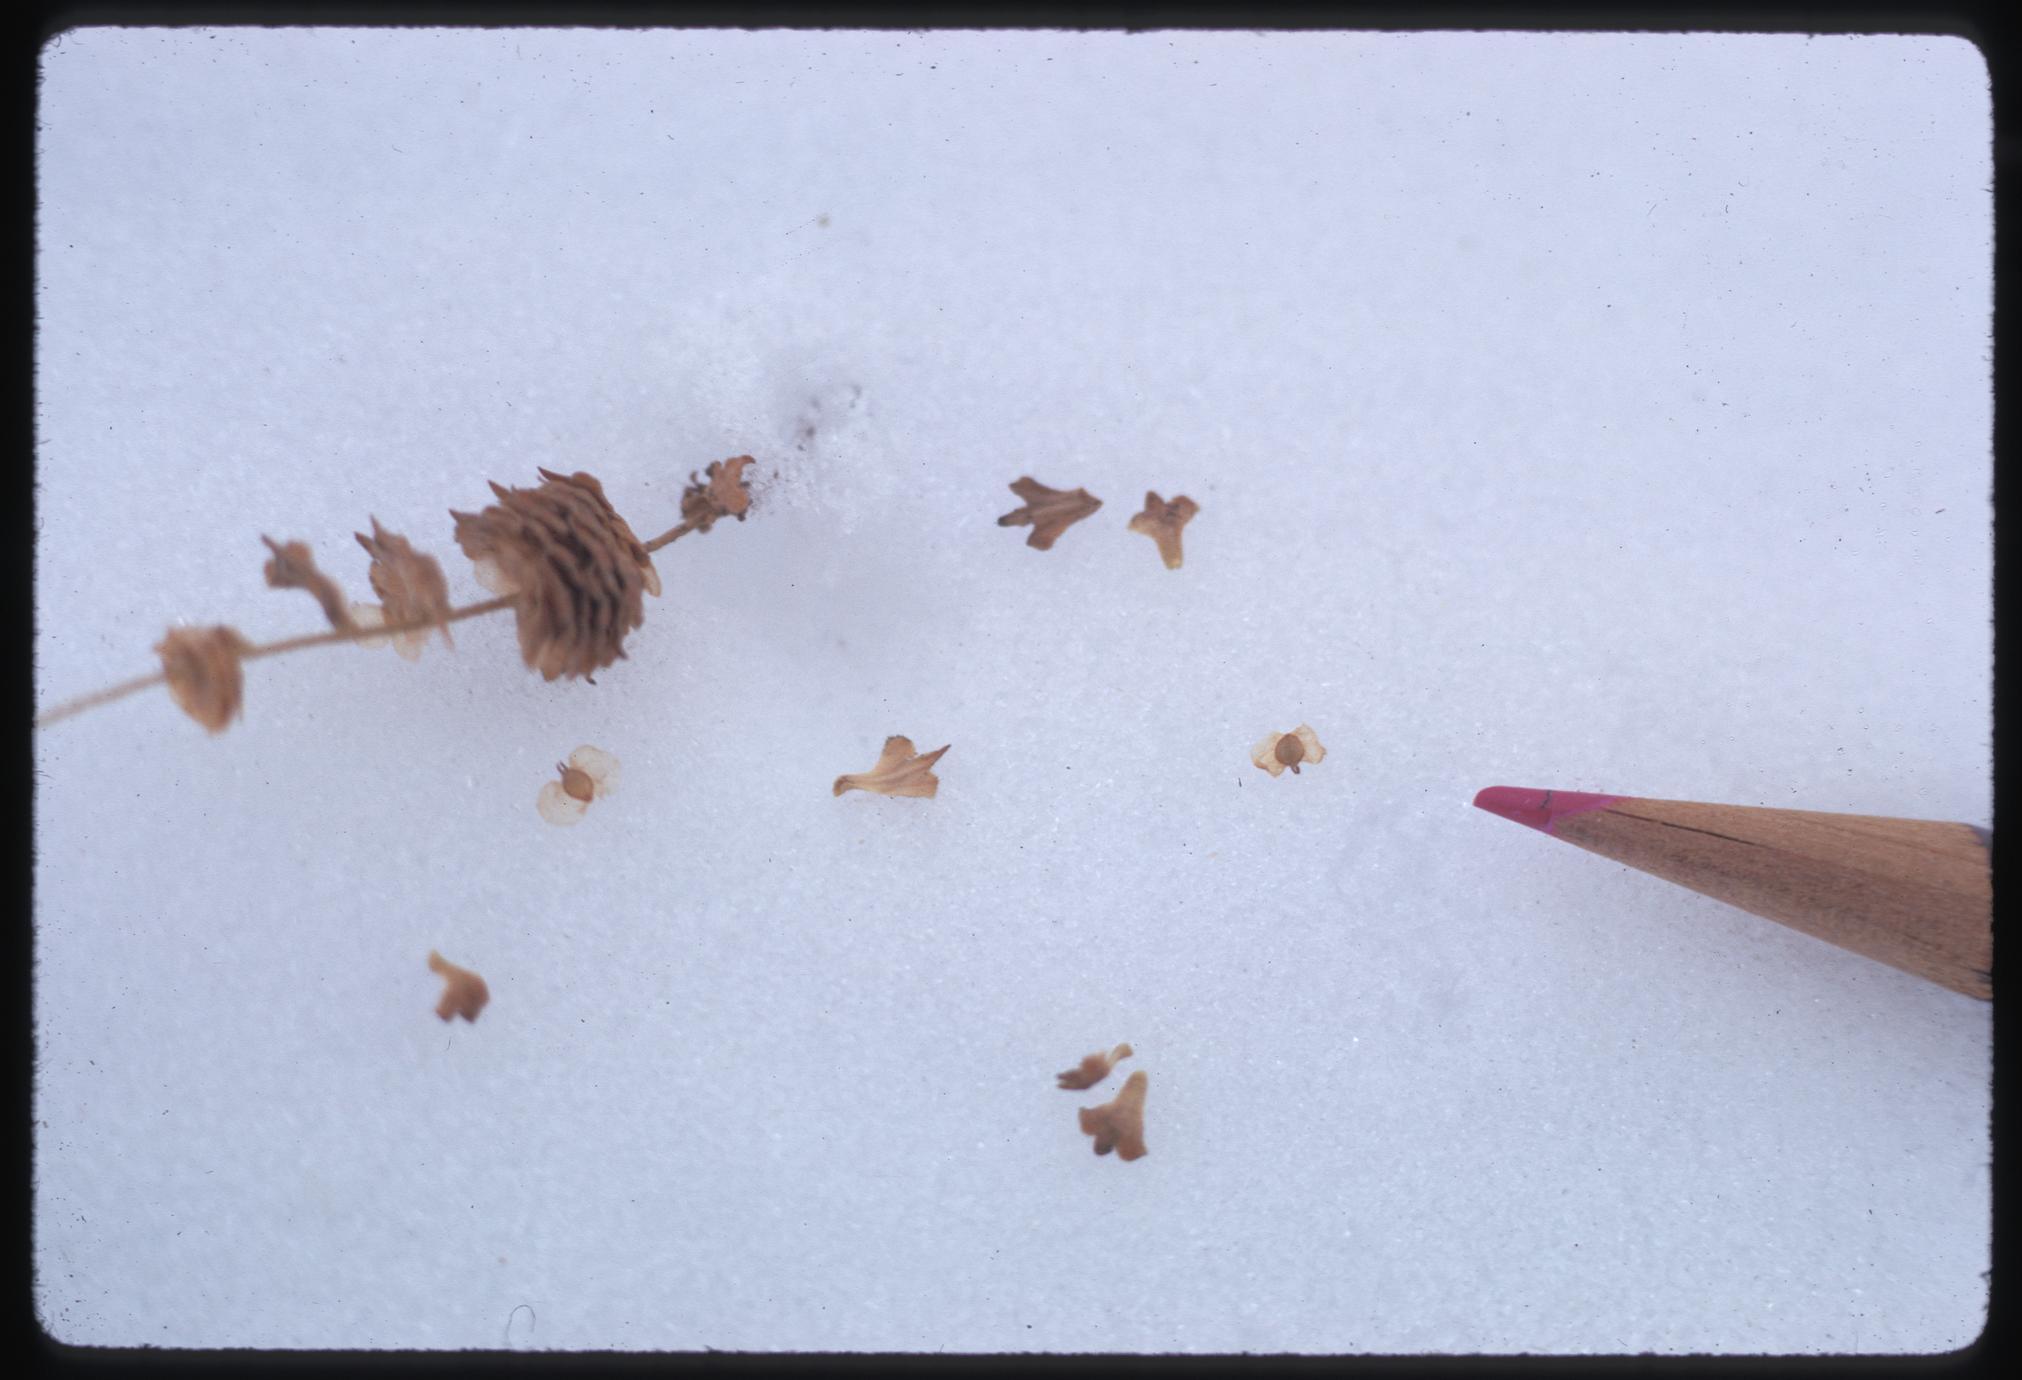 White birch seeds on snow